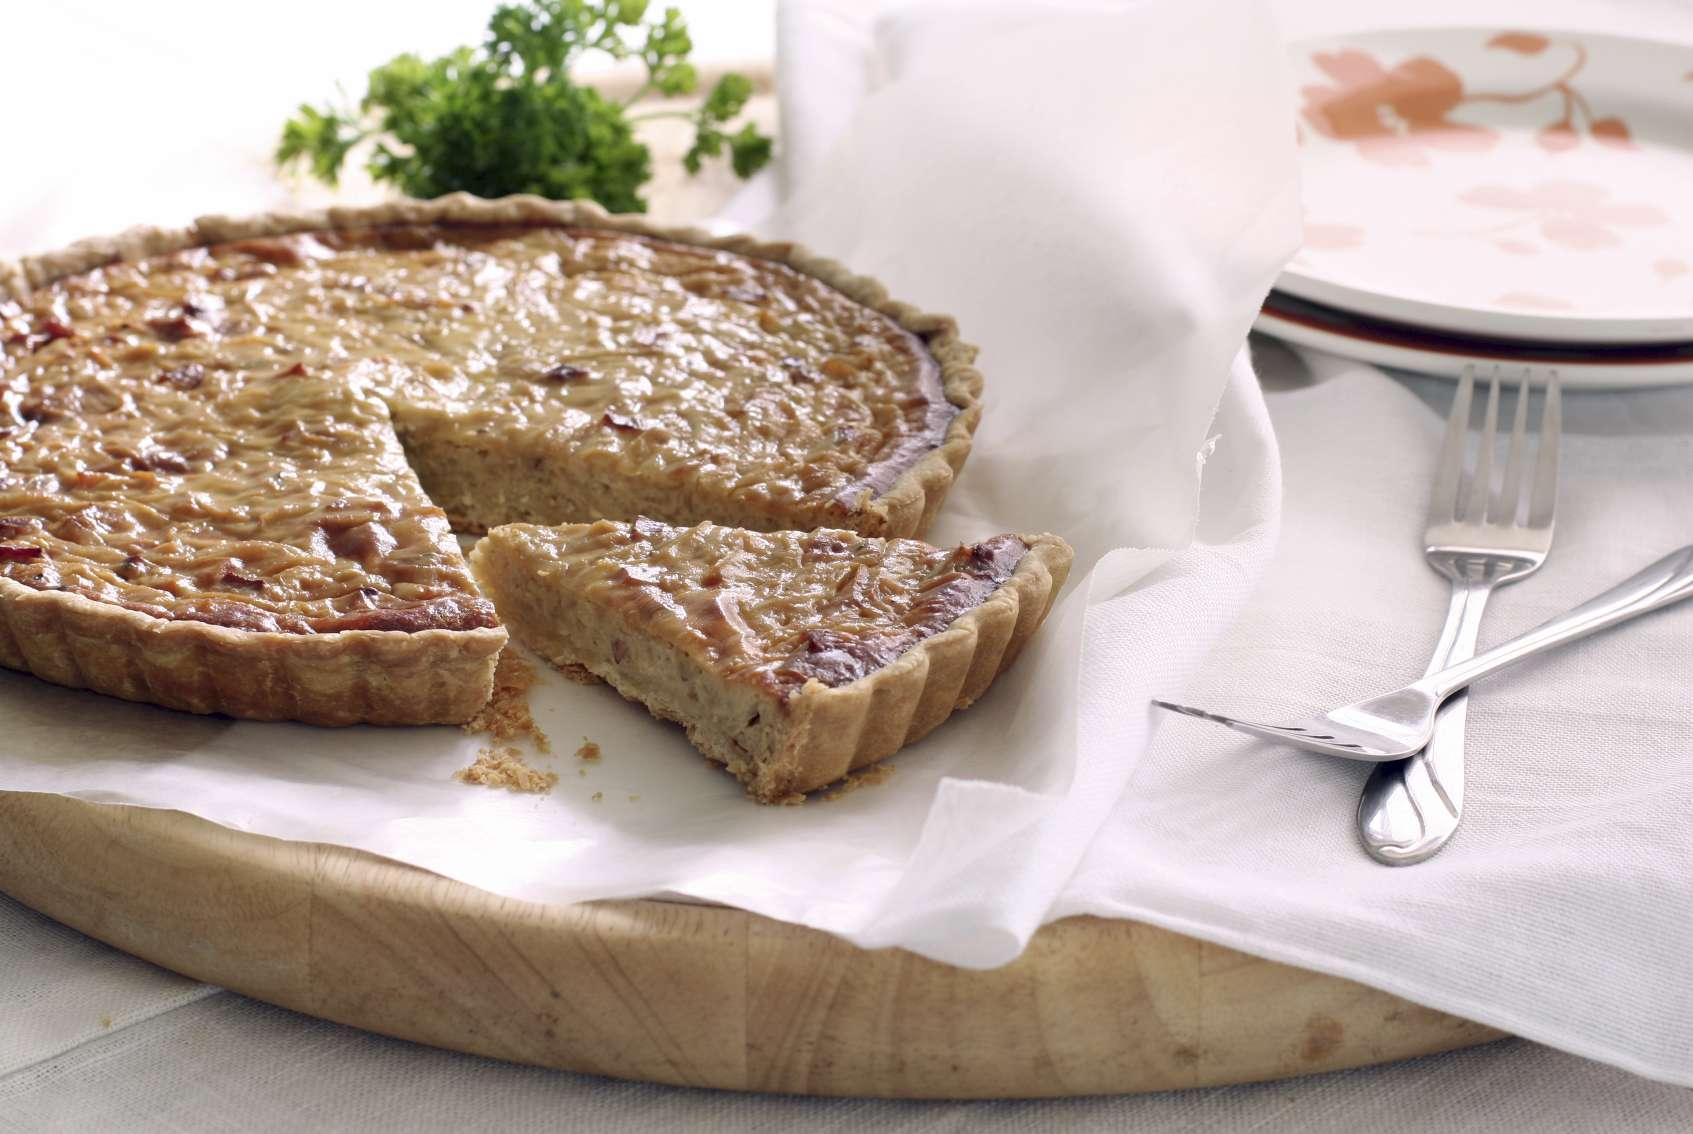 Recette de la tarte aux oignons caramélisés | Pratique.fr